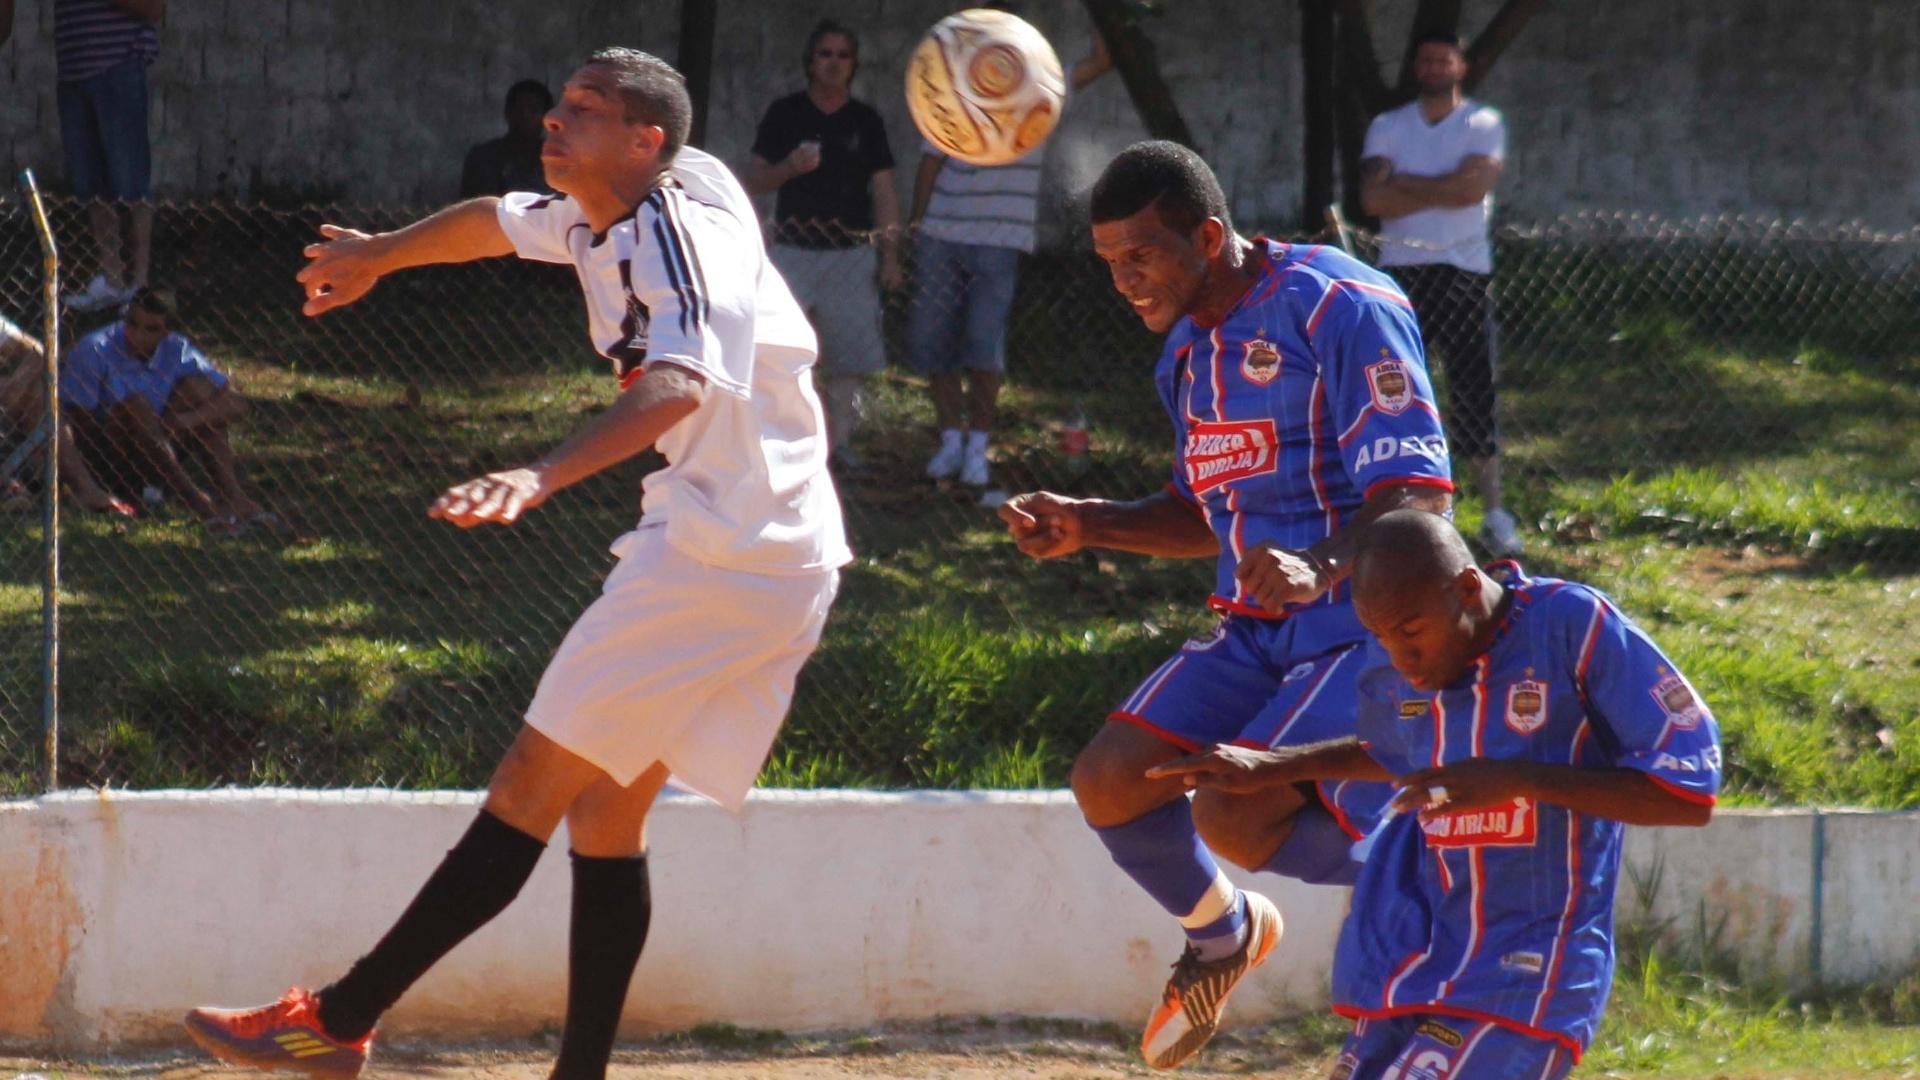 Jogadores disputam lance aéreo em Santos (branco) 0 x 1 Adega (azul)